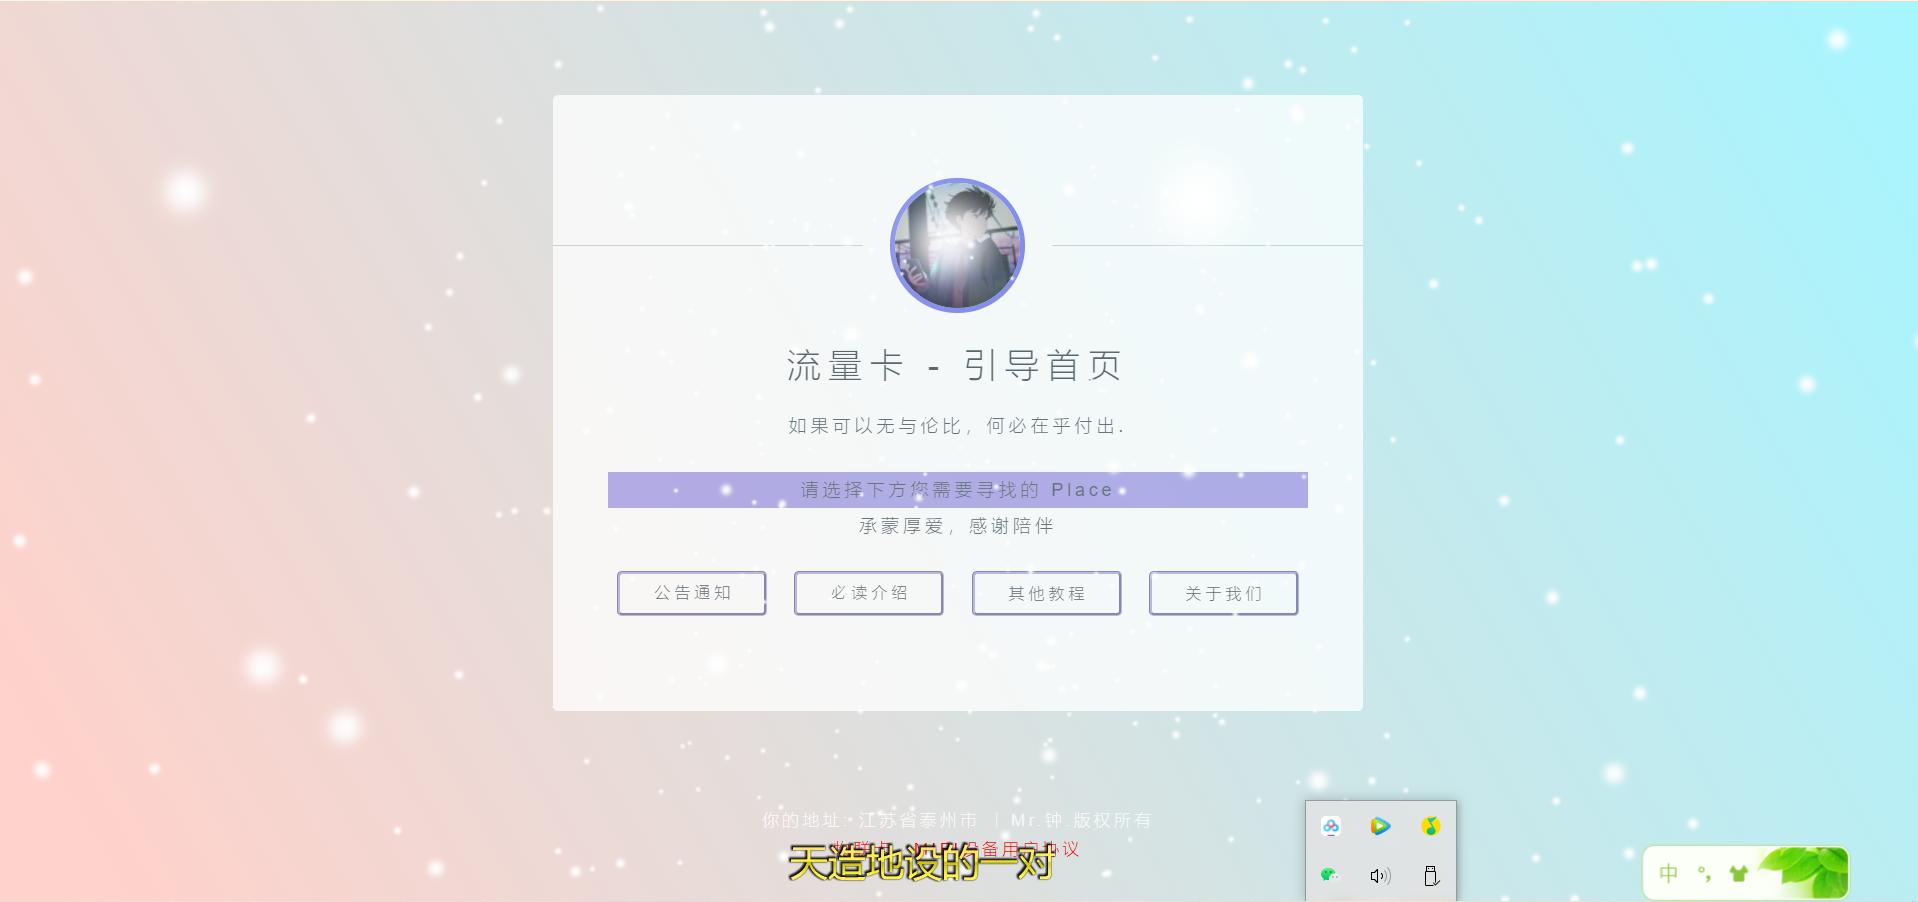 流量卡官网源码多功能集成式源码